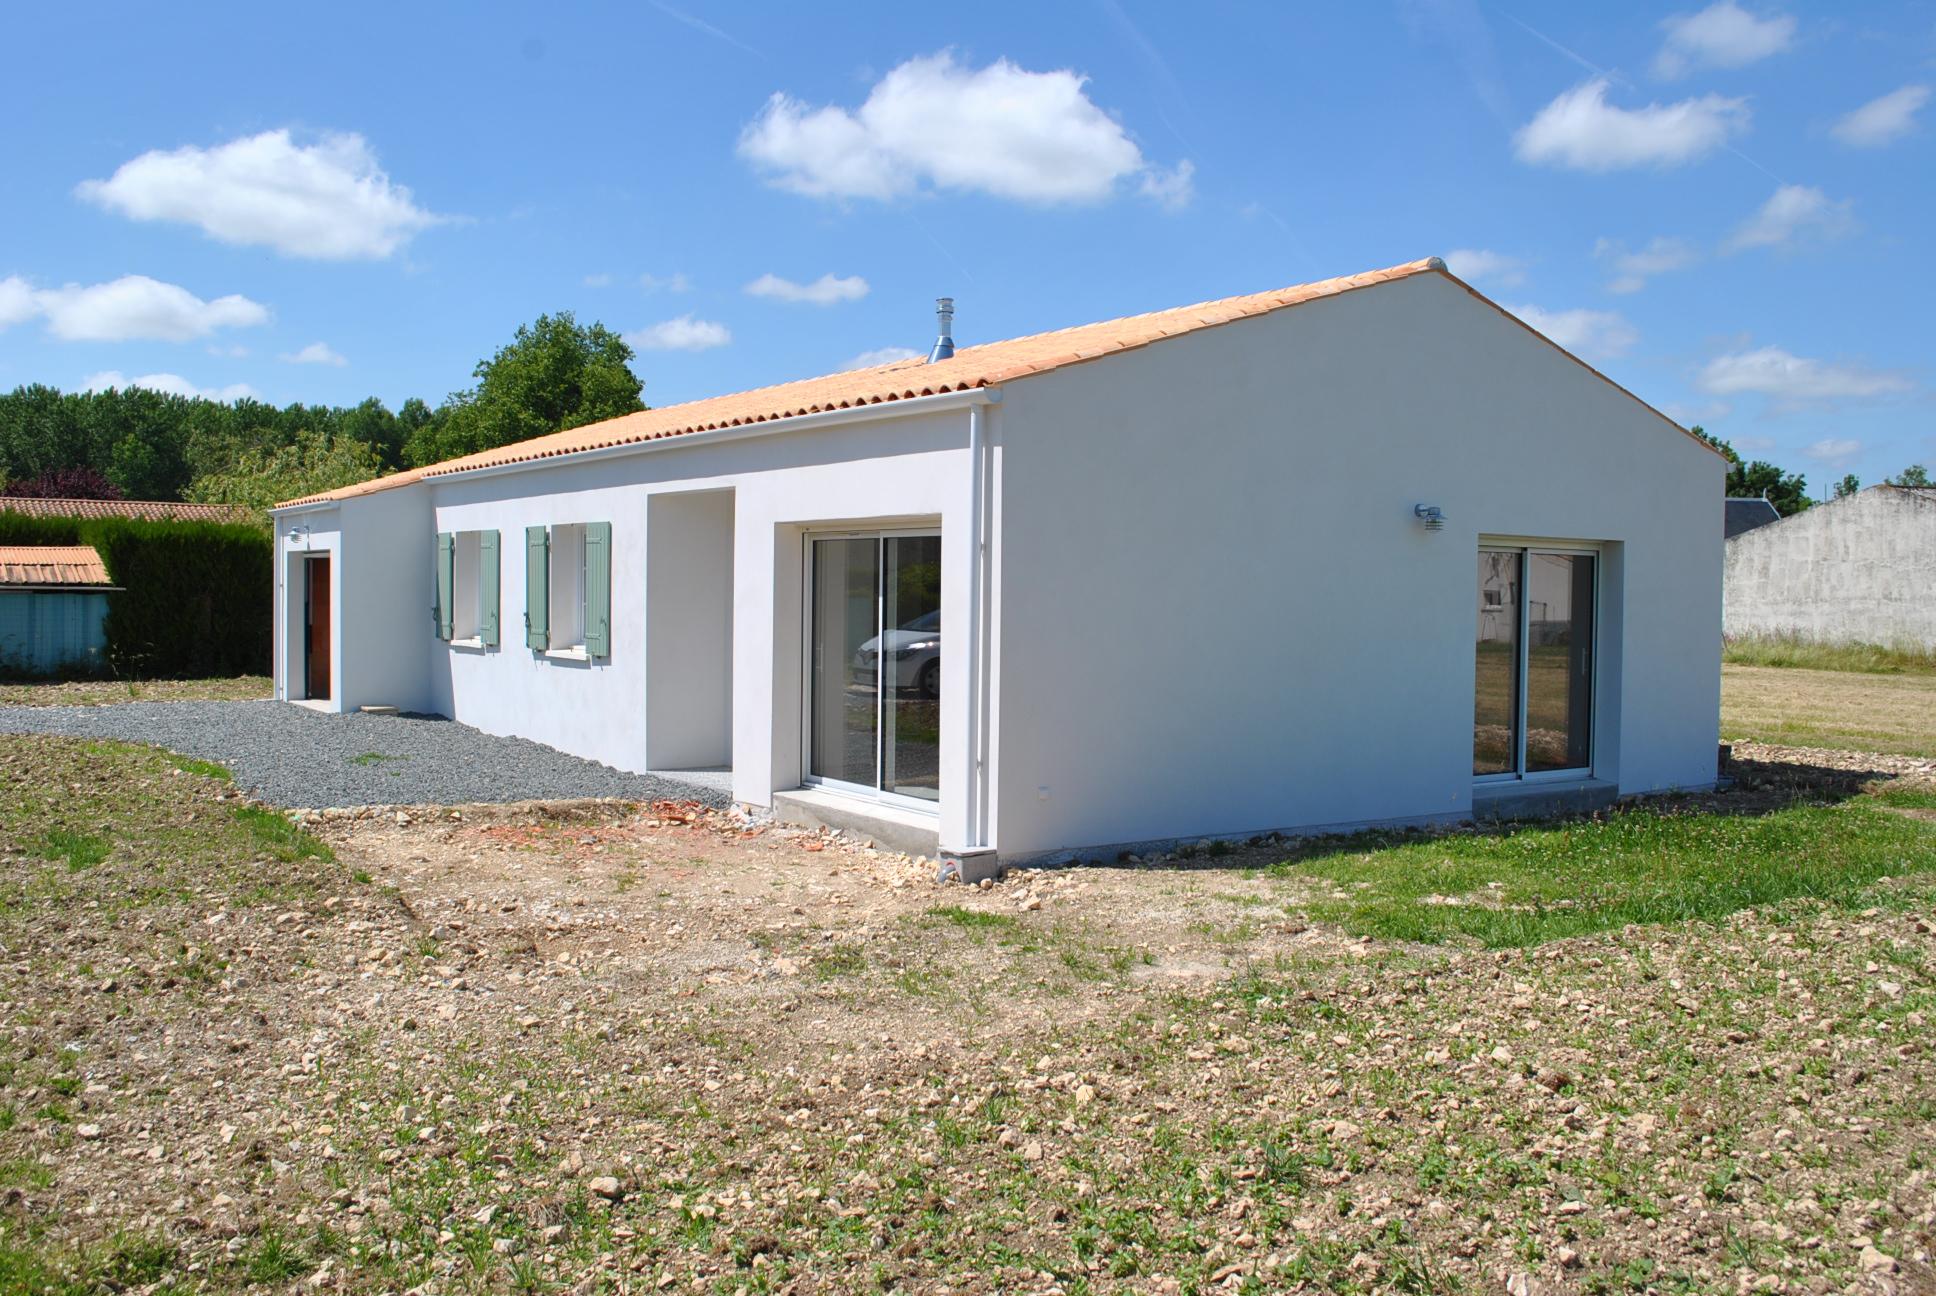 Mod le elodie 2 maisons lara for Constructeur maison individuelle 17000